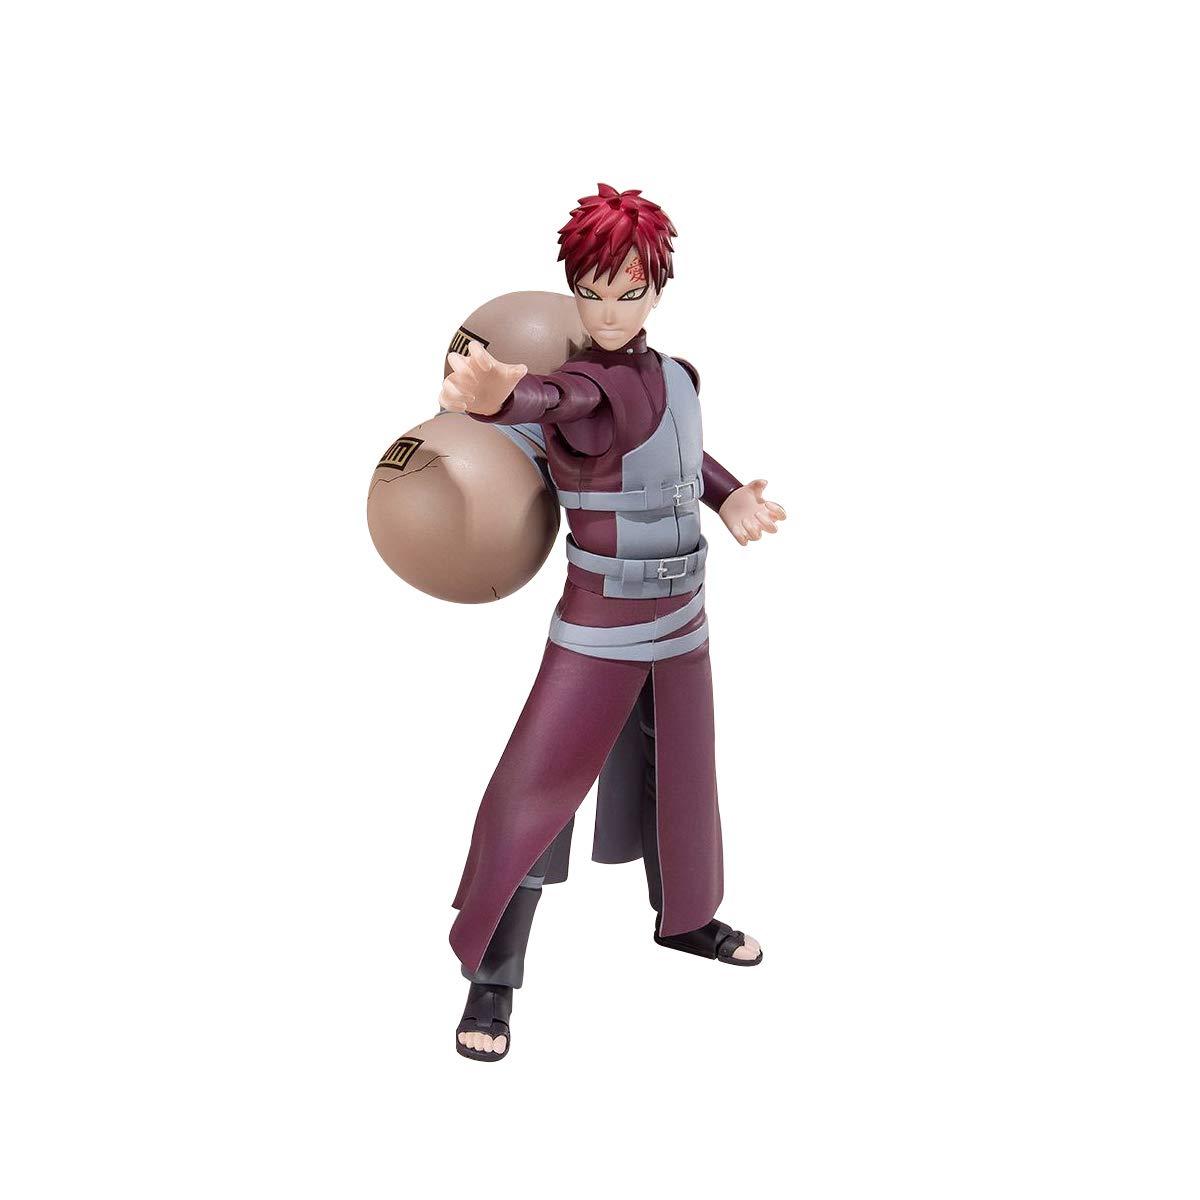 XJRHB Naruto Ich Liebe Luo Hand Anime-Modelle Souvenirs Sammlung Kunsthandwerk zu Machen B07Q3P2PLH Actionfiguren-Spielsets Haltbar | Deutschland Online Shop